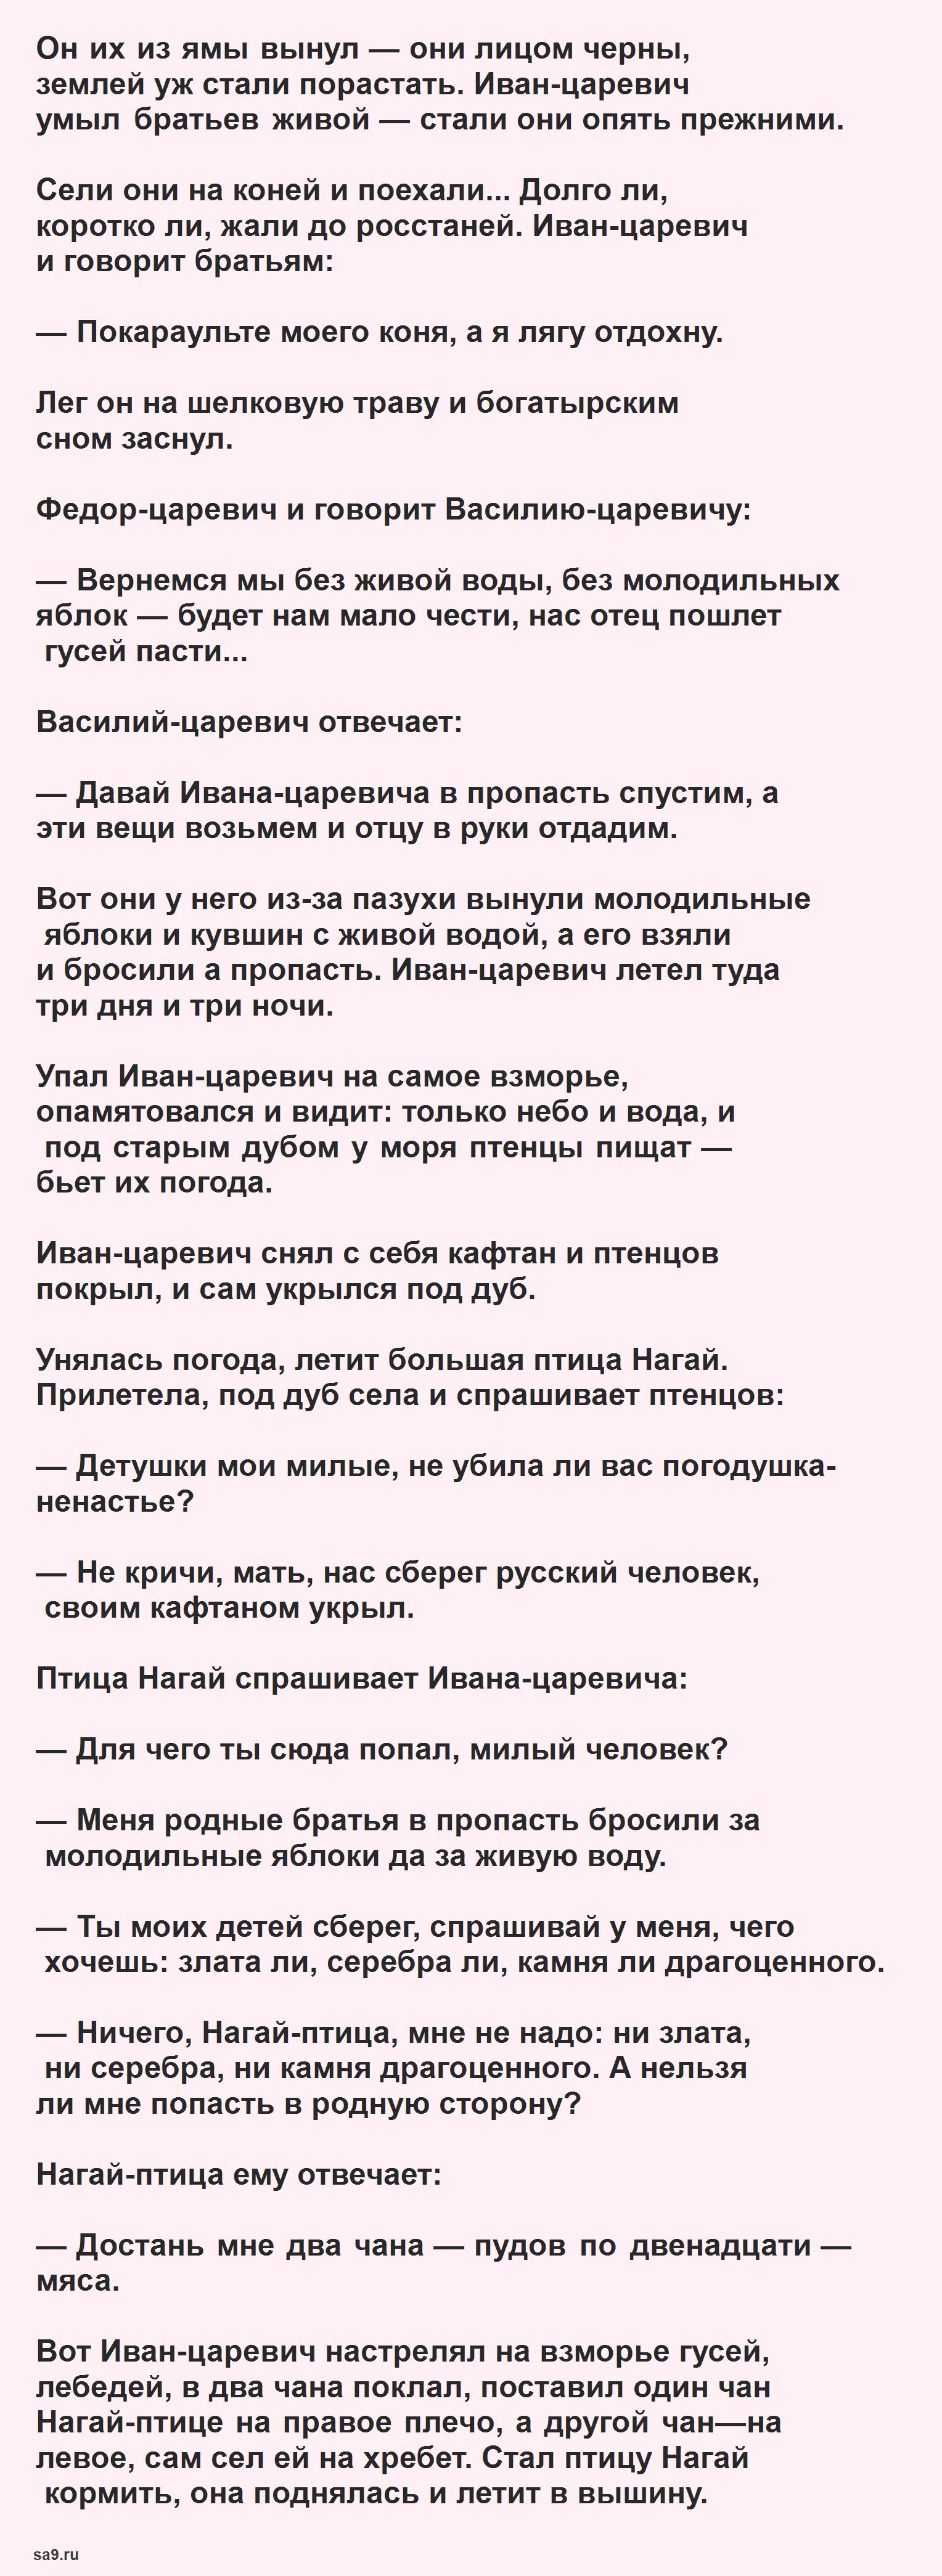 О молодильных яблоках и живой воде - русская народная сказка, читать полностью